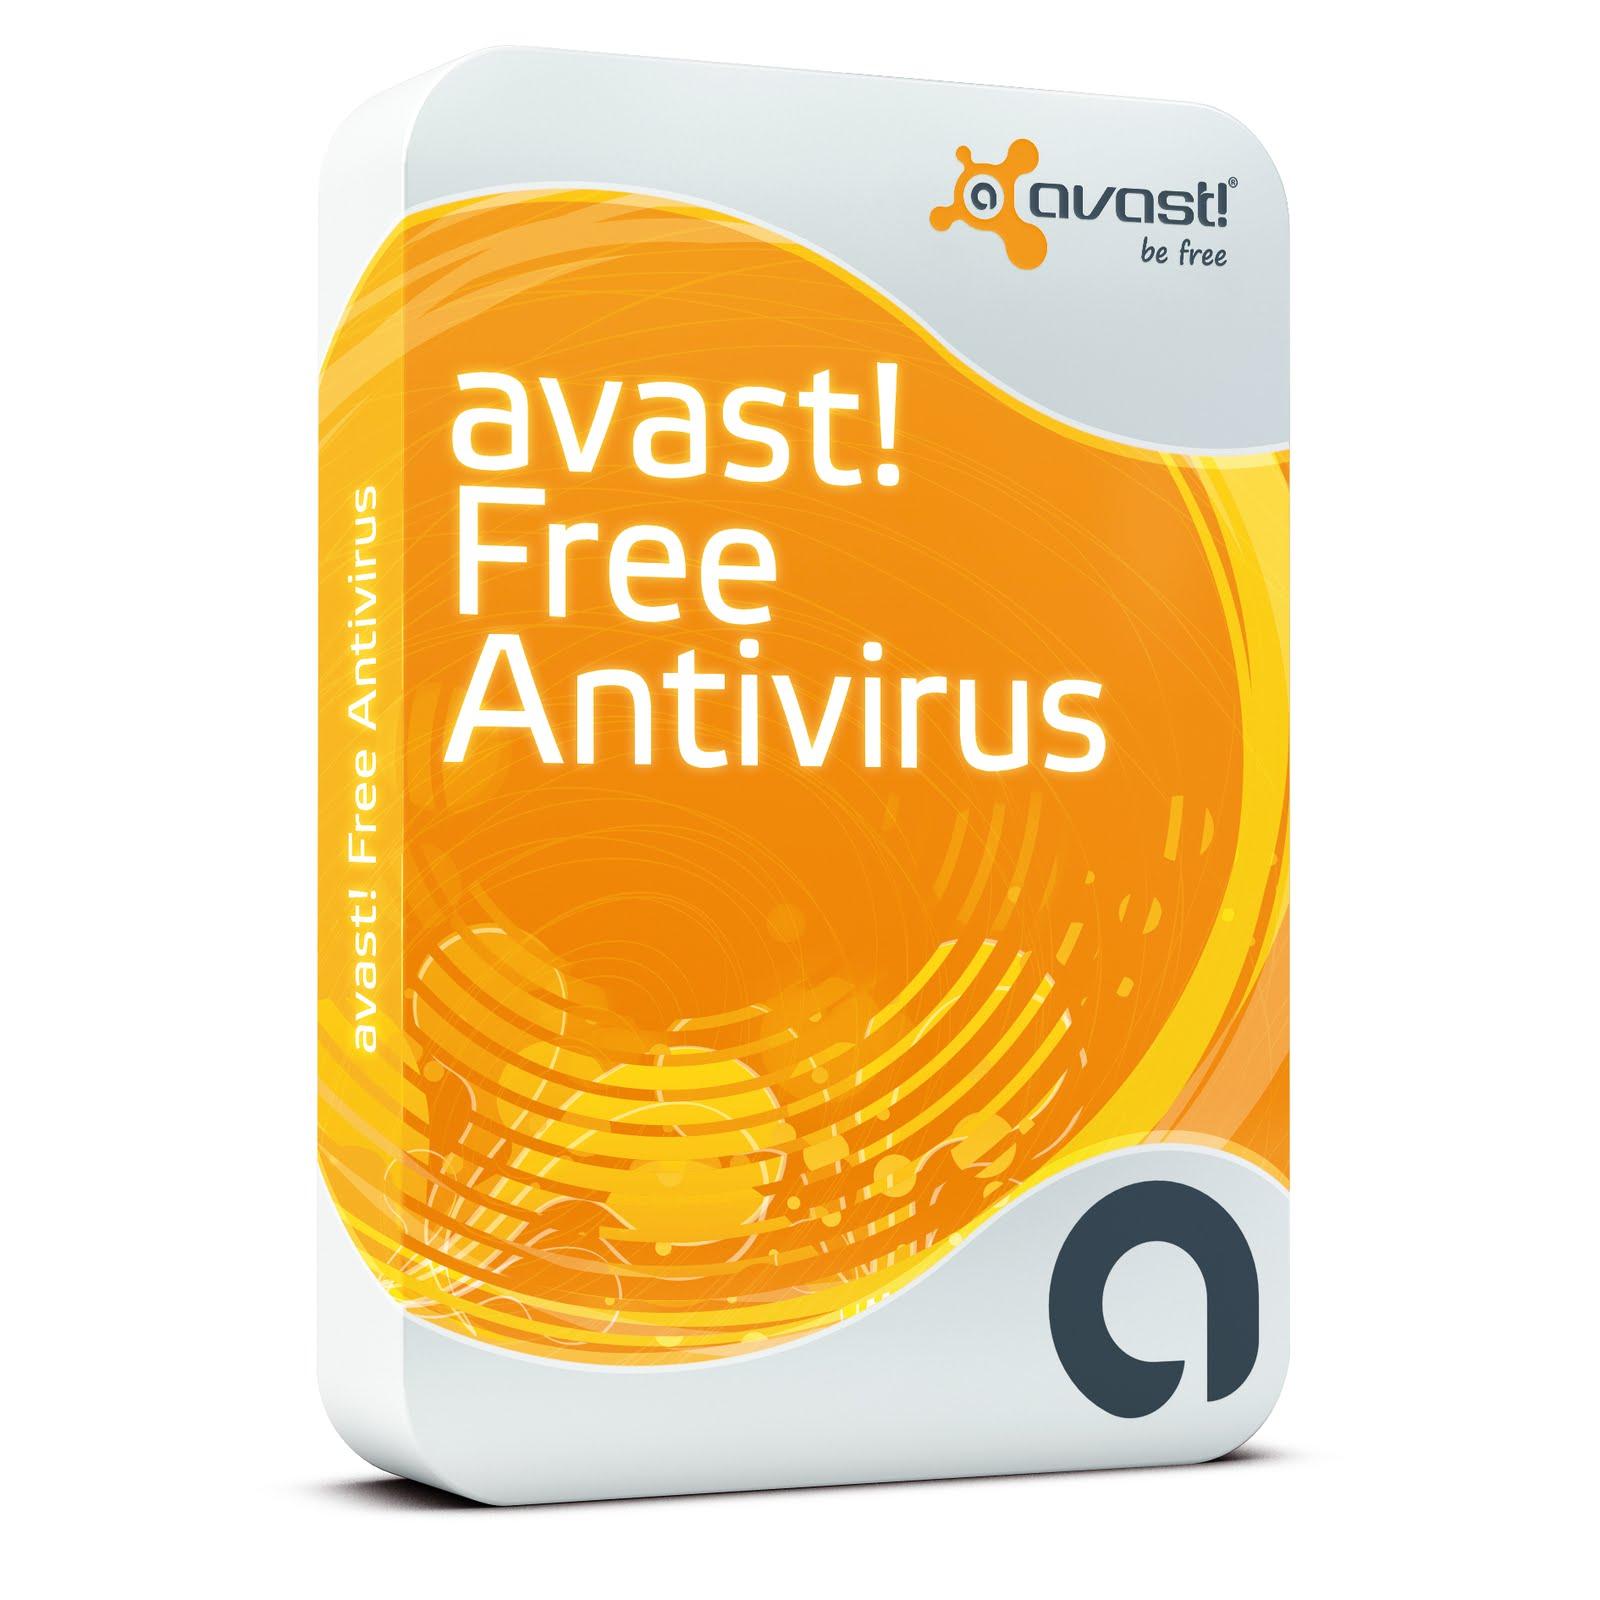 Avast 5 Free Anti Virus